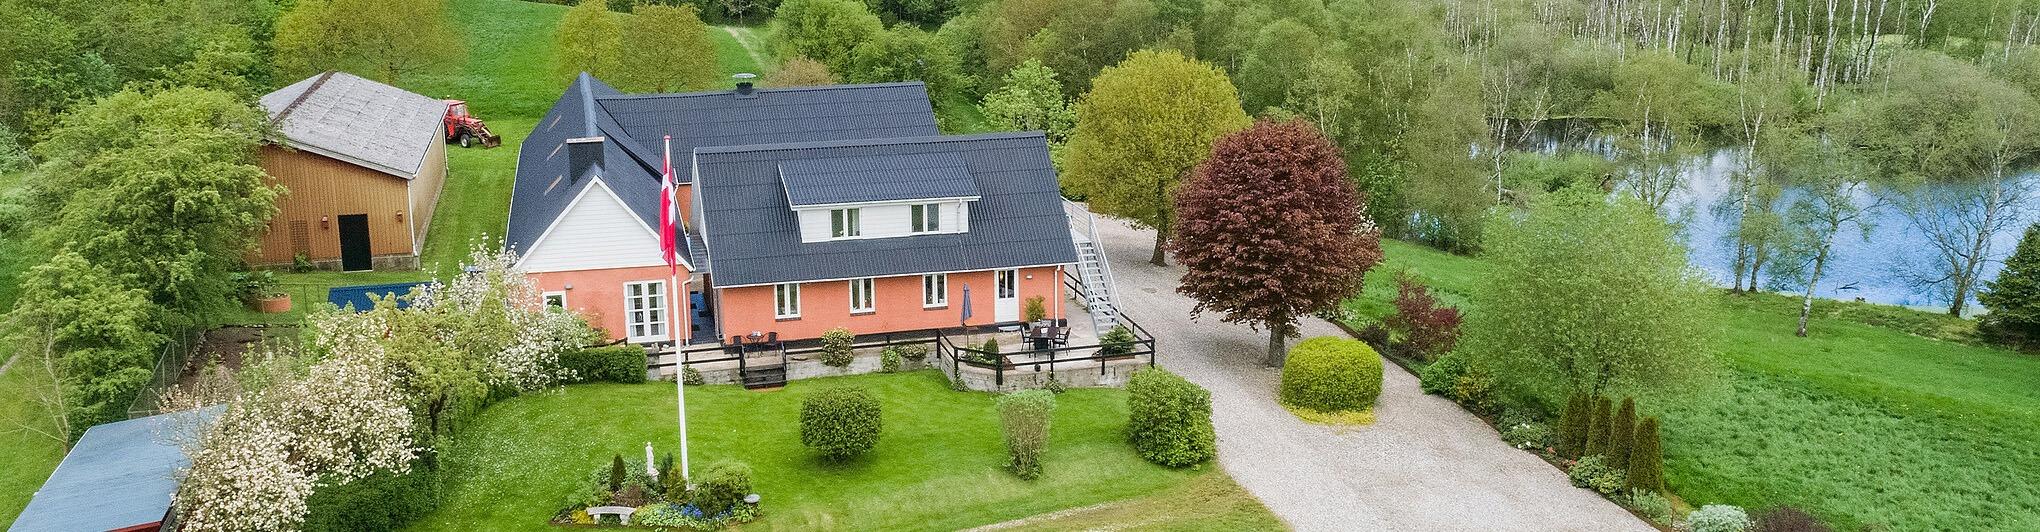 Viborg Silkeborg - Jagt og natur ejendom